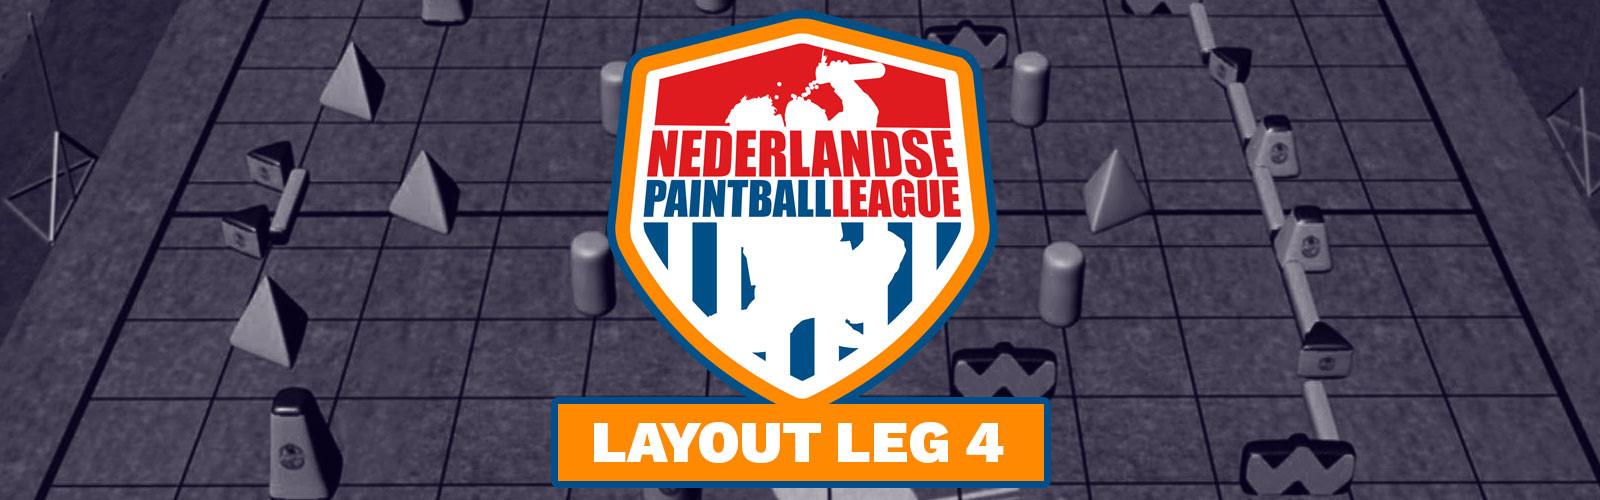 Layout Leg 4